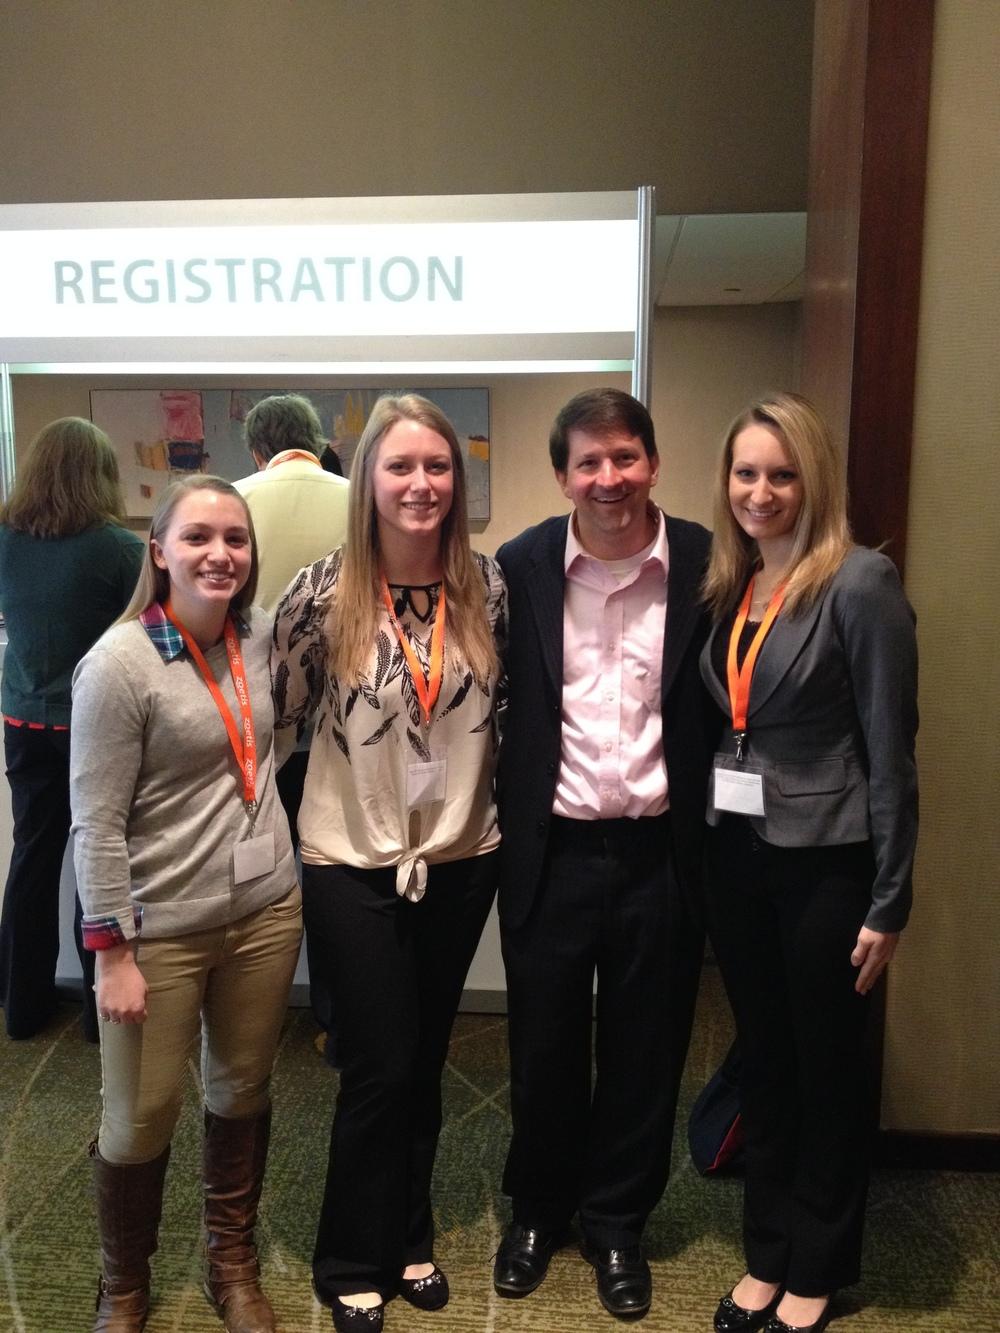 Dr. Roark & LMU girls.jpg